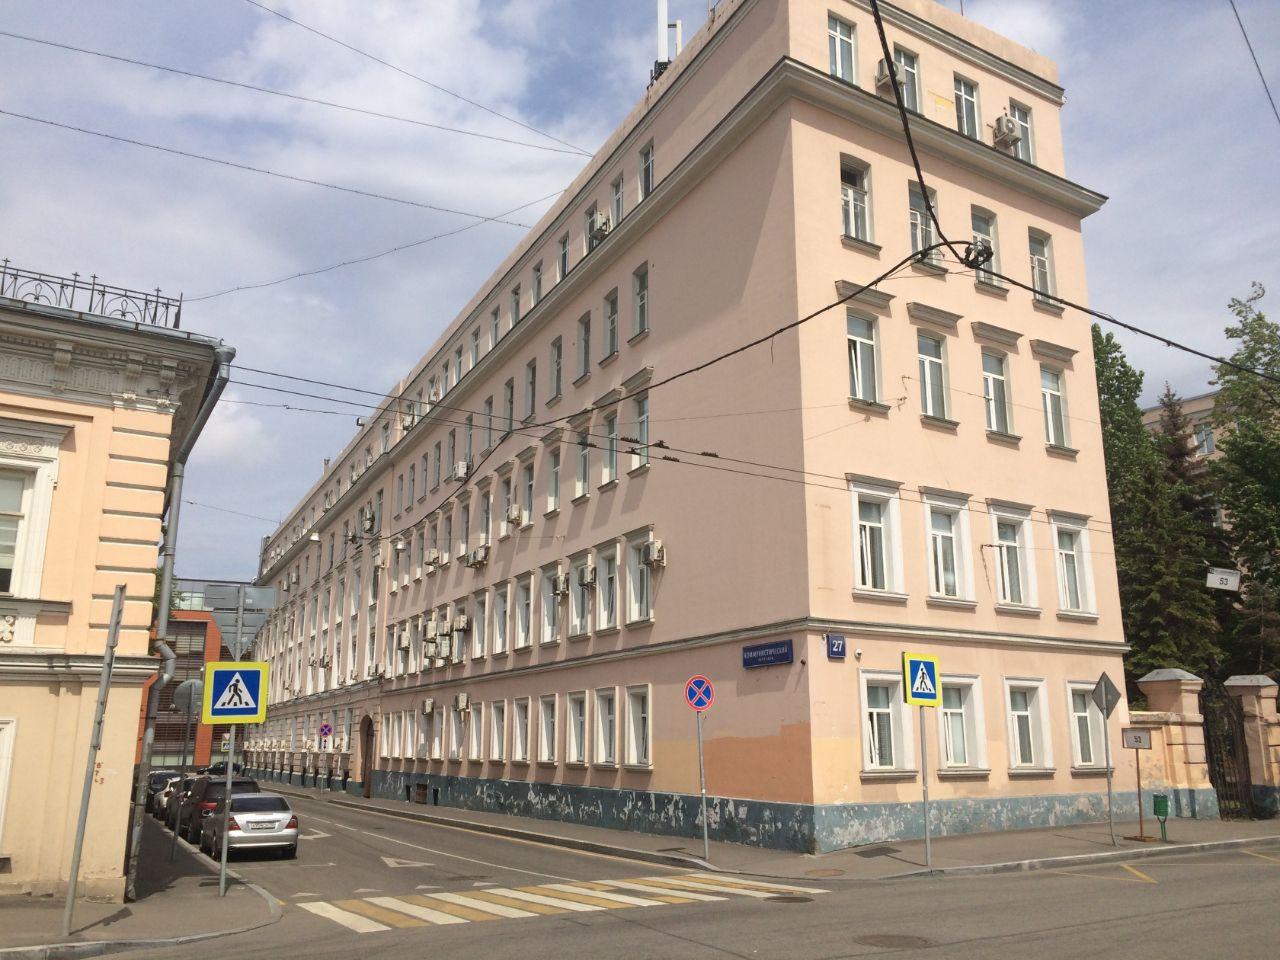 Аренда коммерческой недвижимости Александра Солженицына улица коммерческая недвижимость города иваново